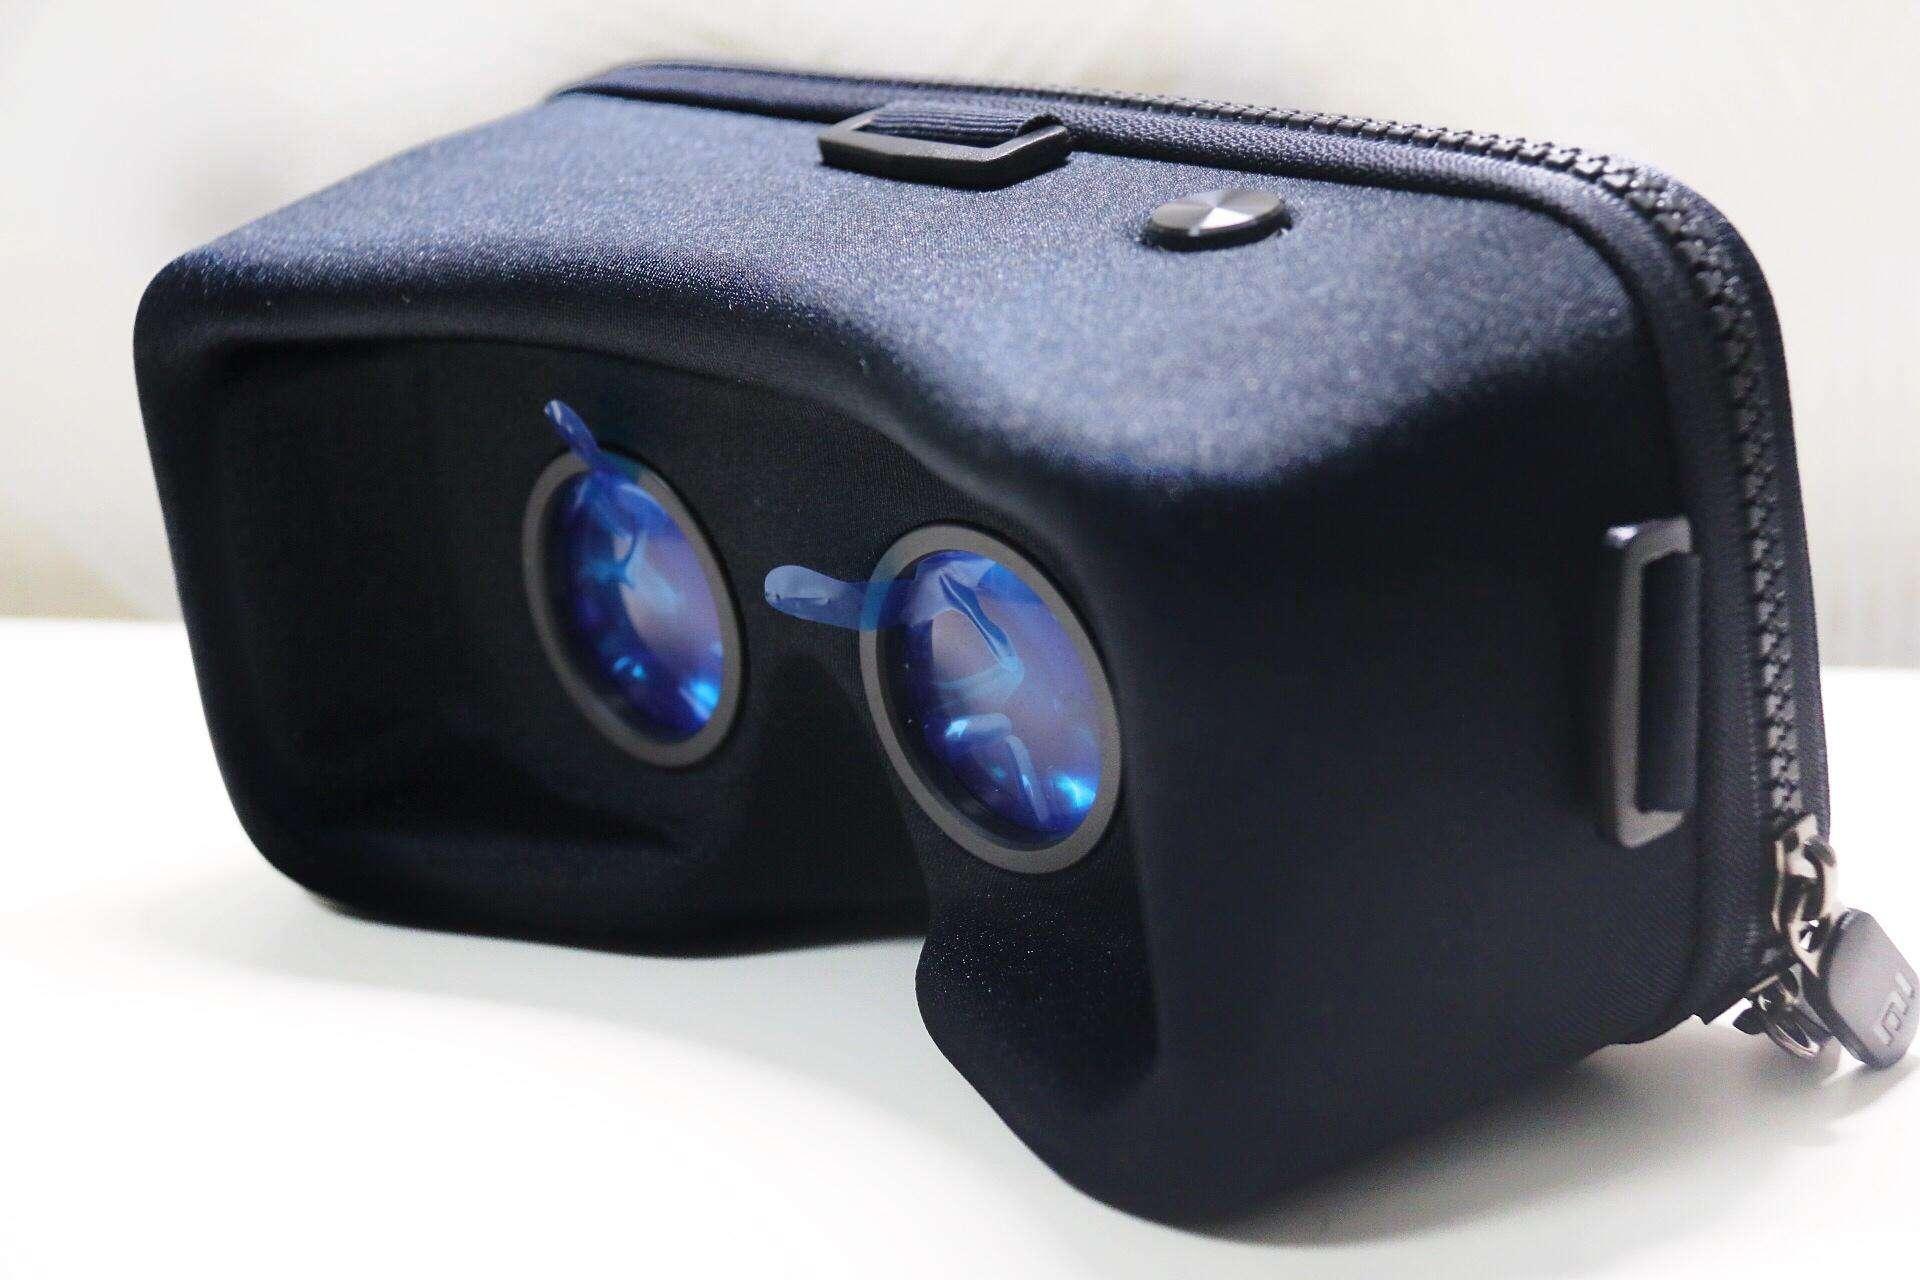 小米VR玩具版的十大问题解析